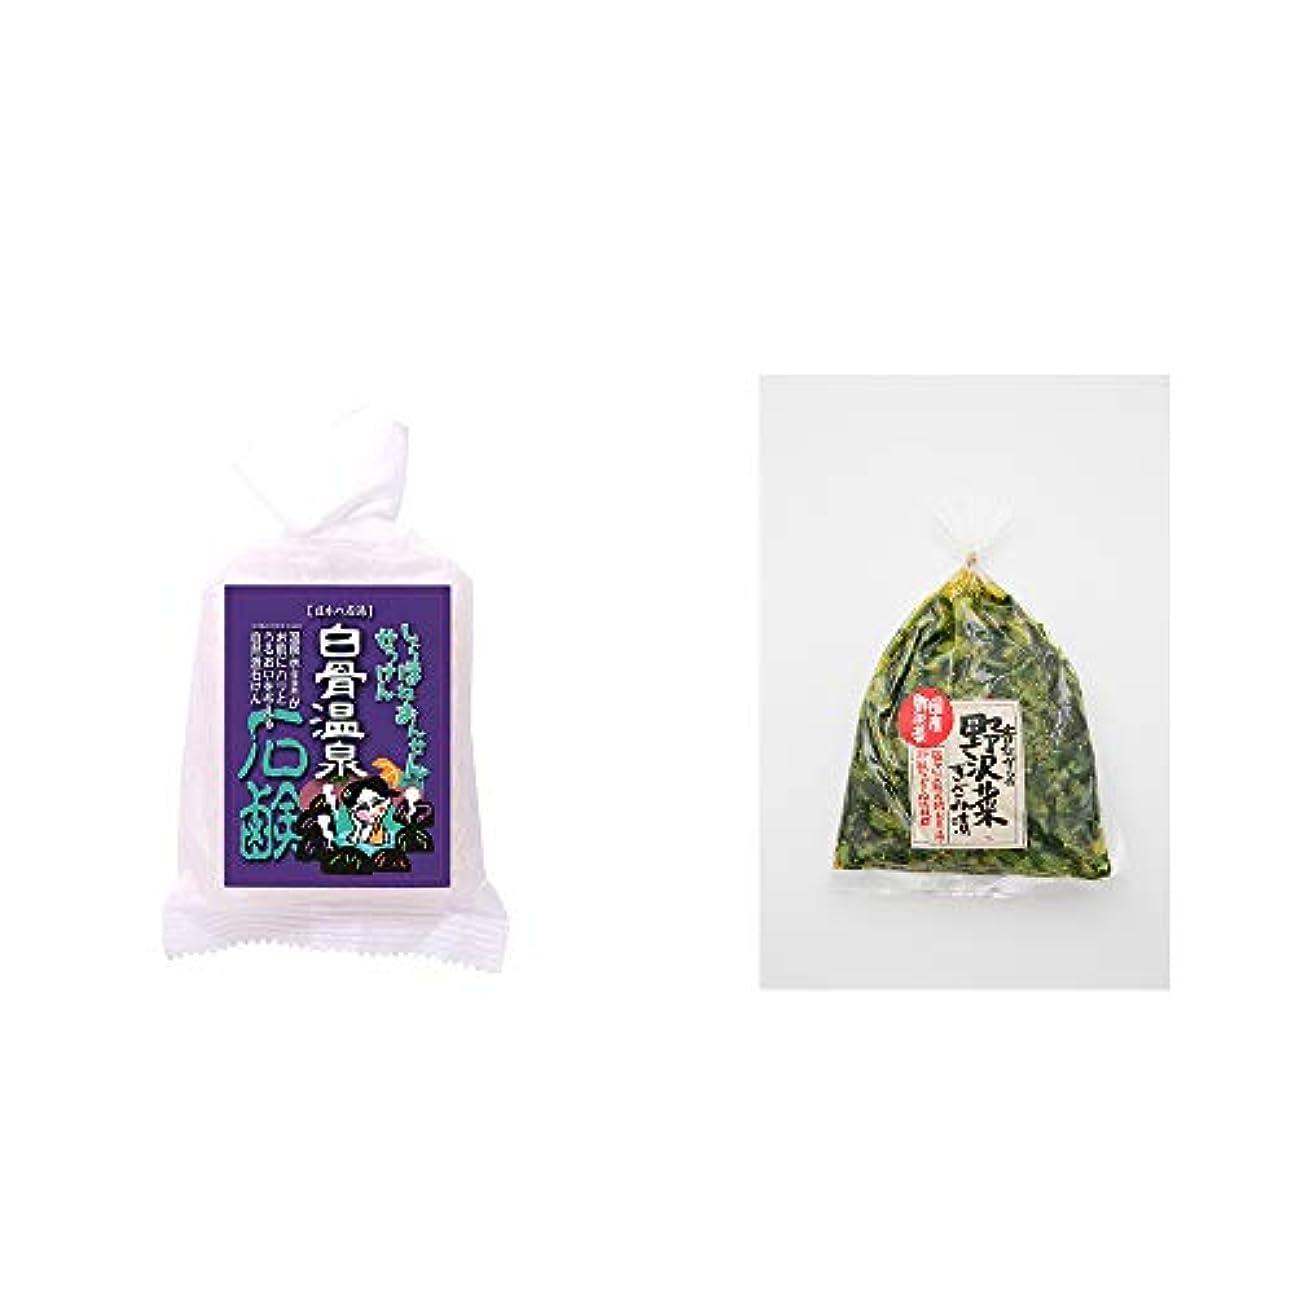 絶縁する単語スワップ[2点セット] 信州 白骨温泉石鹸(80g)?国産 昔ながらの野沢菜きざみ漬け(150g)